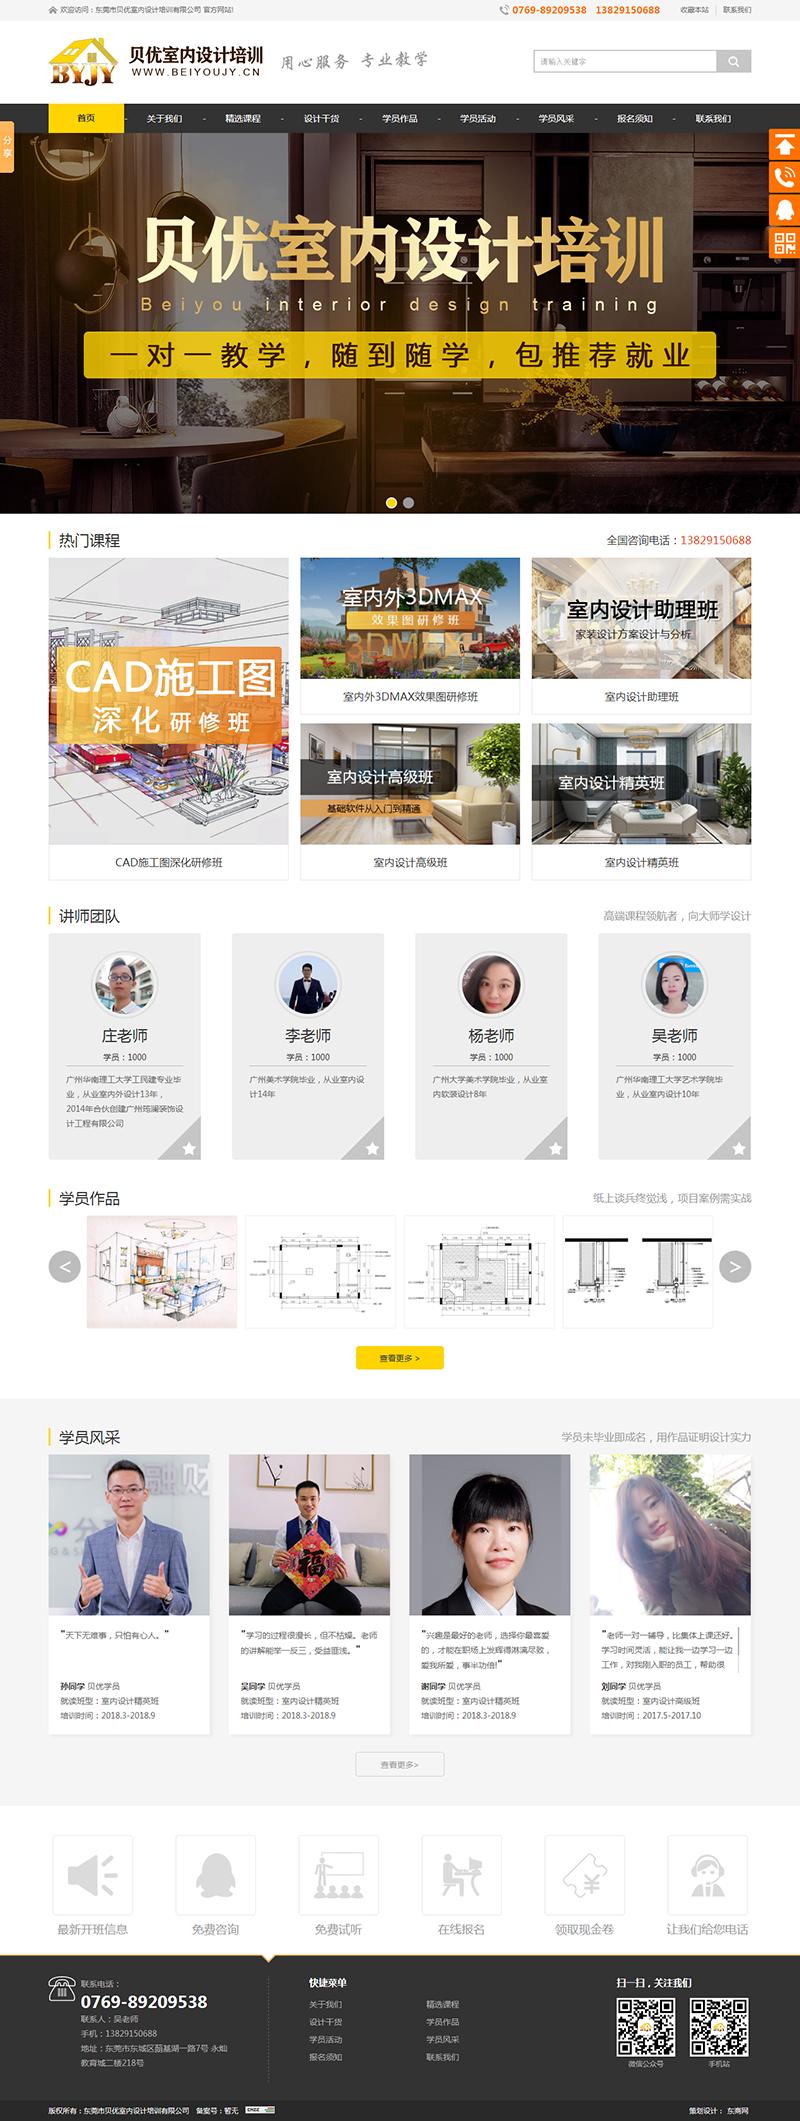 东莞市贝优室内设计培训有限公司